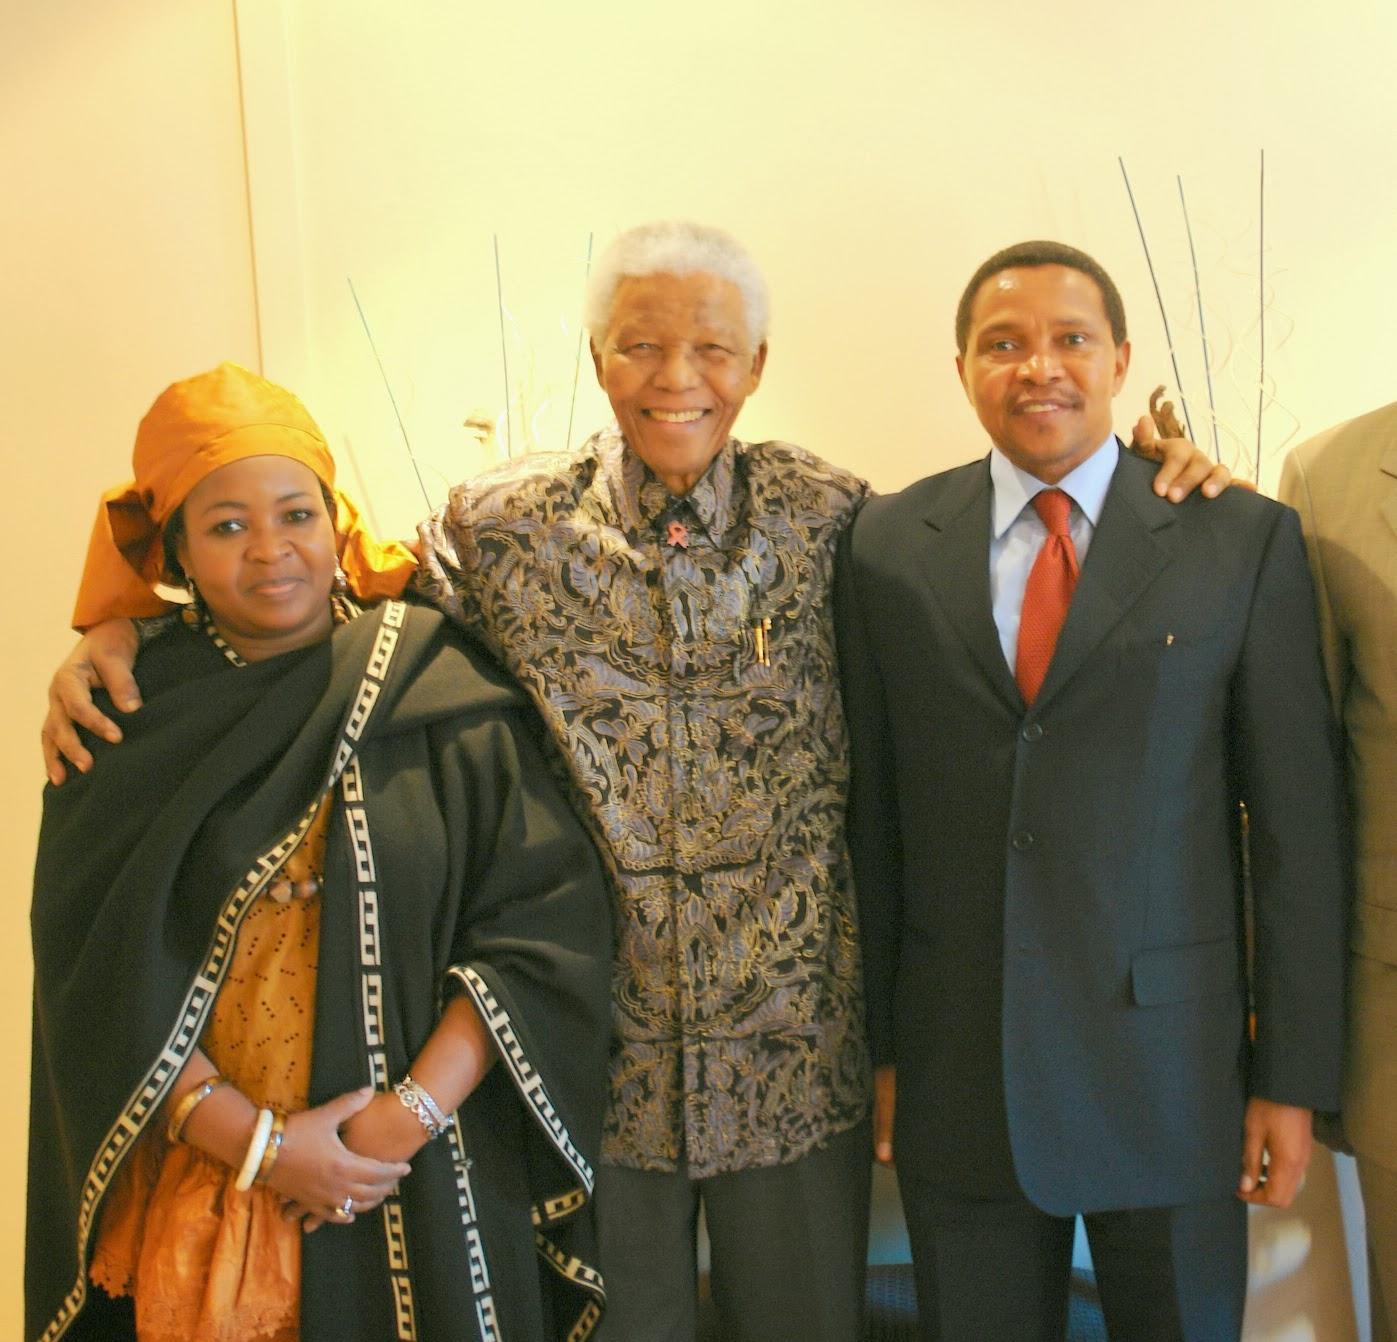 Yes, Uhuru was NOT invited to Mandela's funeral, Tanzania's JAKAYA KIKWETE representing E.Africa